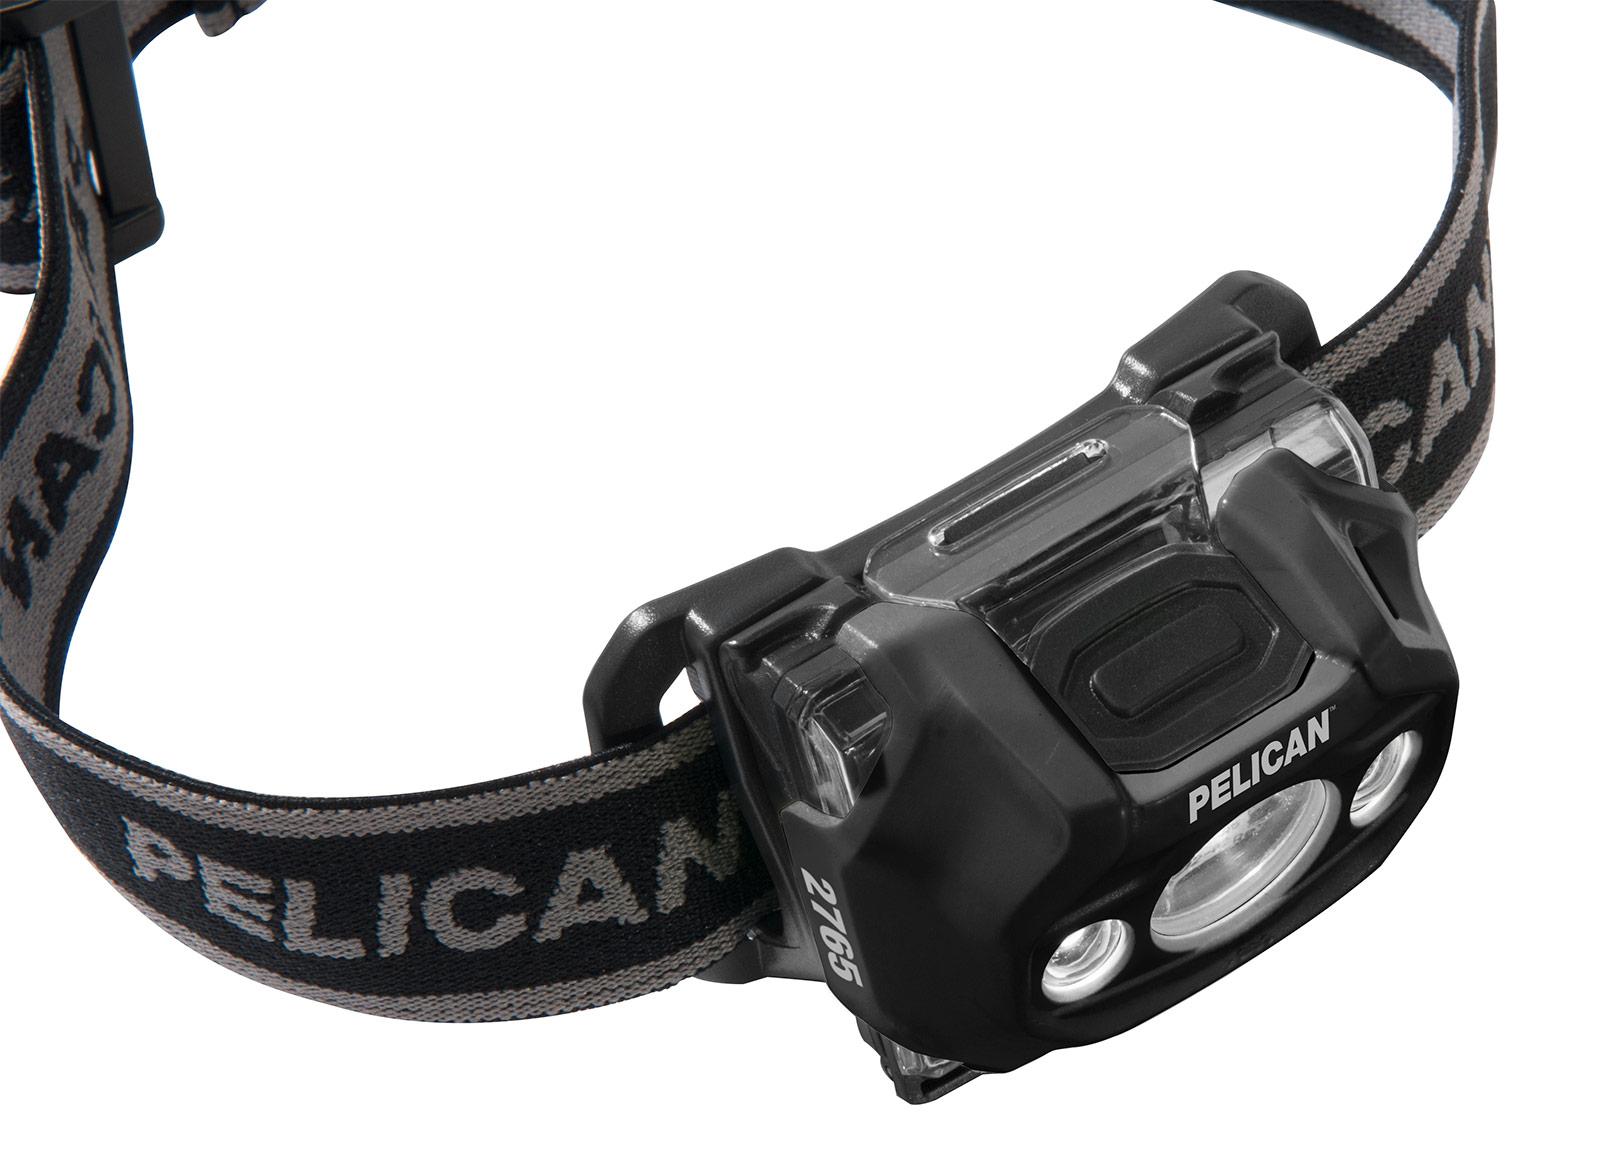 pelican 2765 ultra compact lightweight headlamp